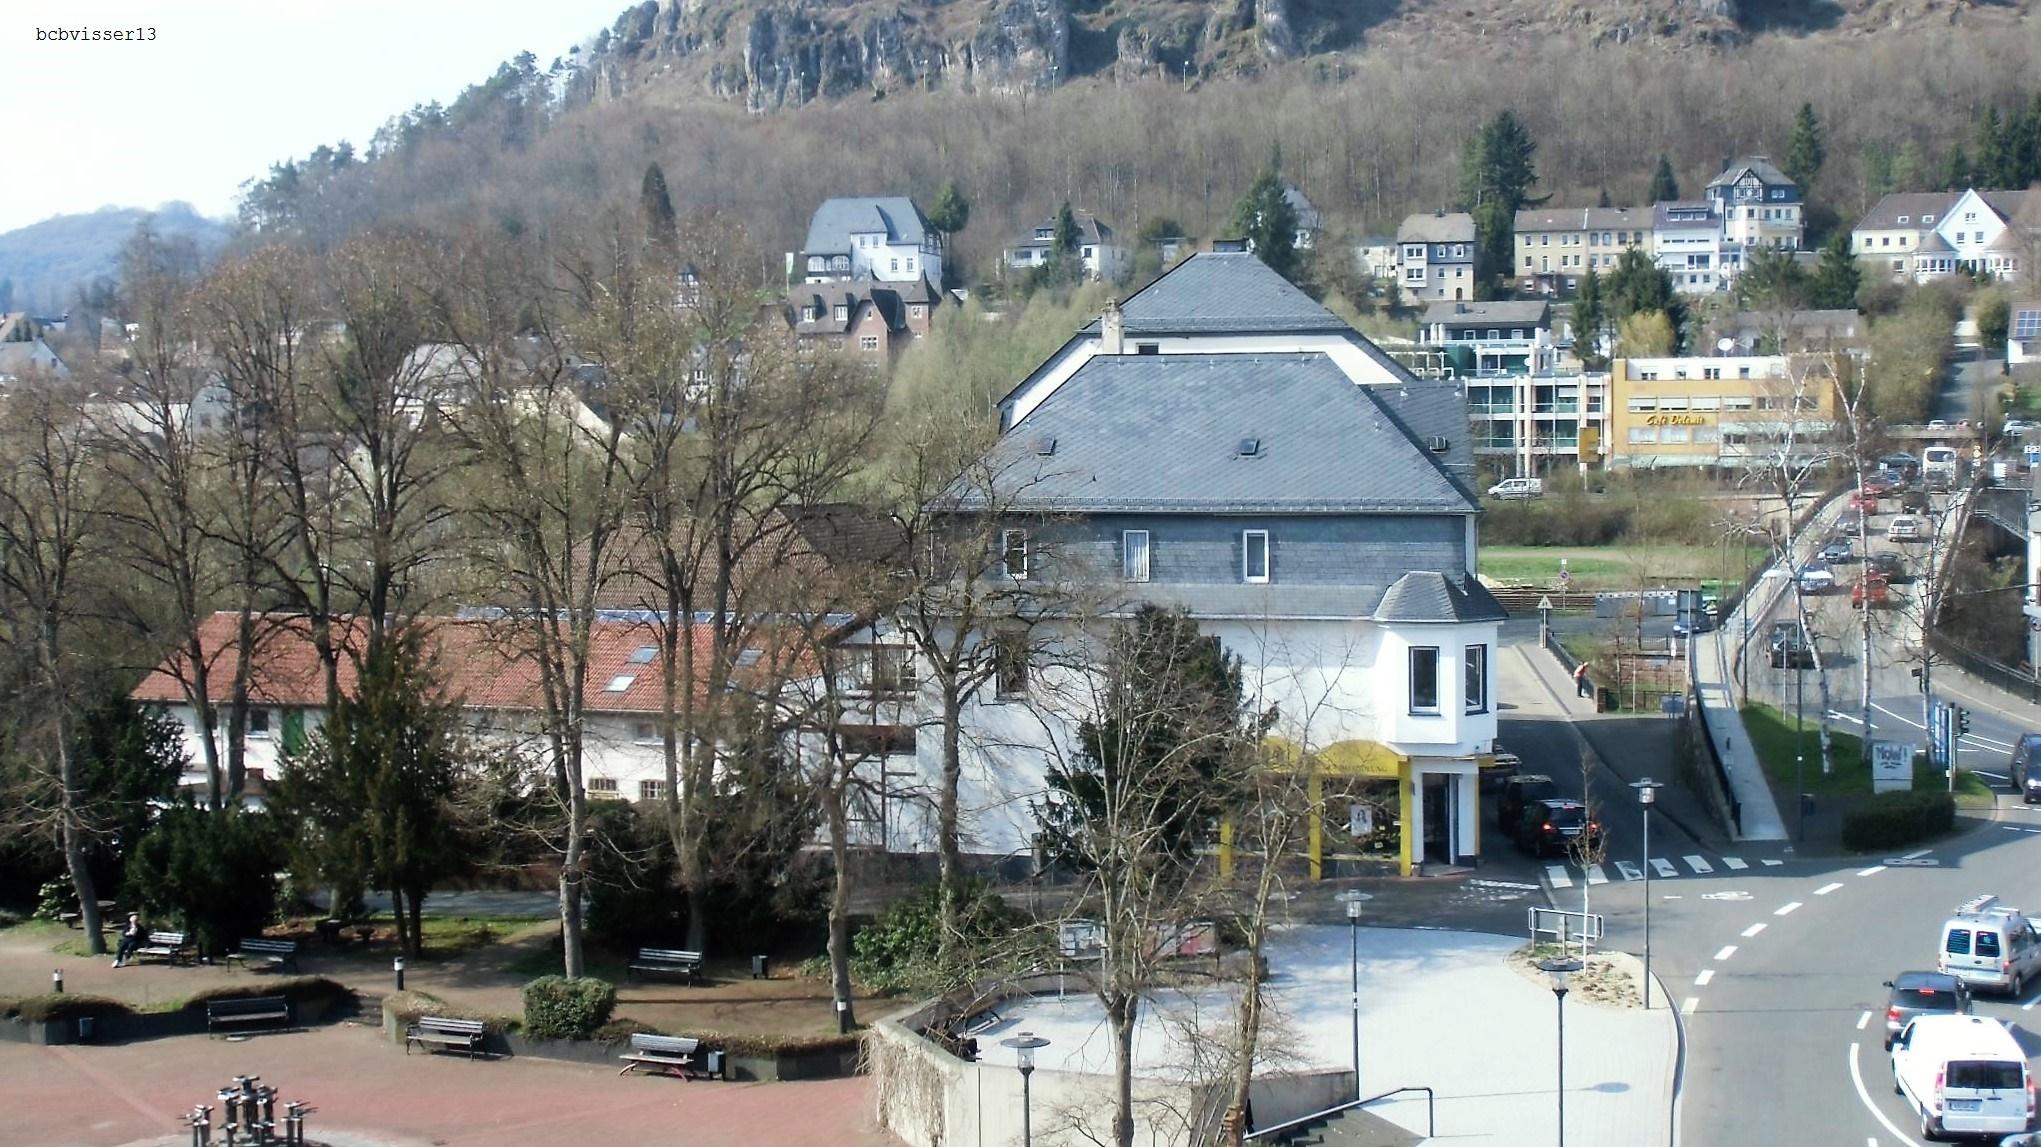 Elevation of gerolstein germany maplogs for Hotels in eifel germany